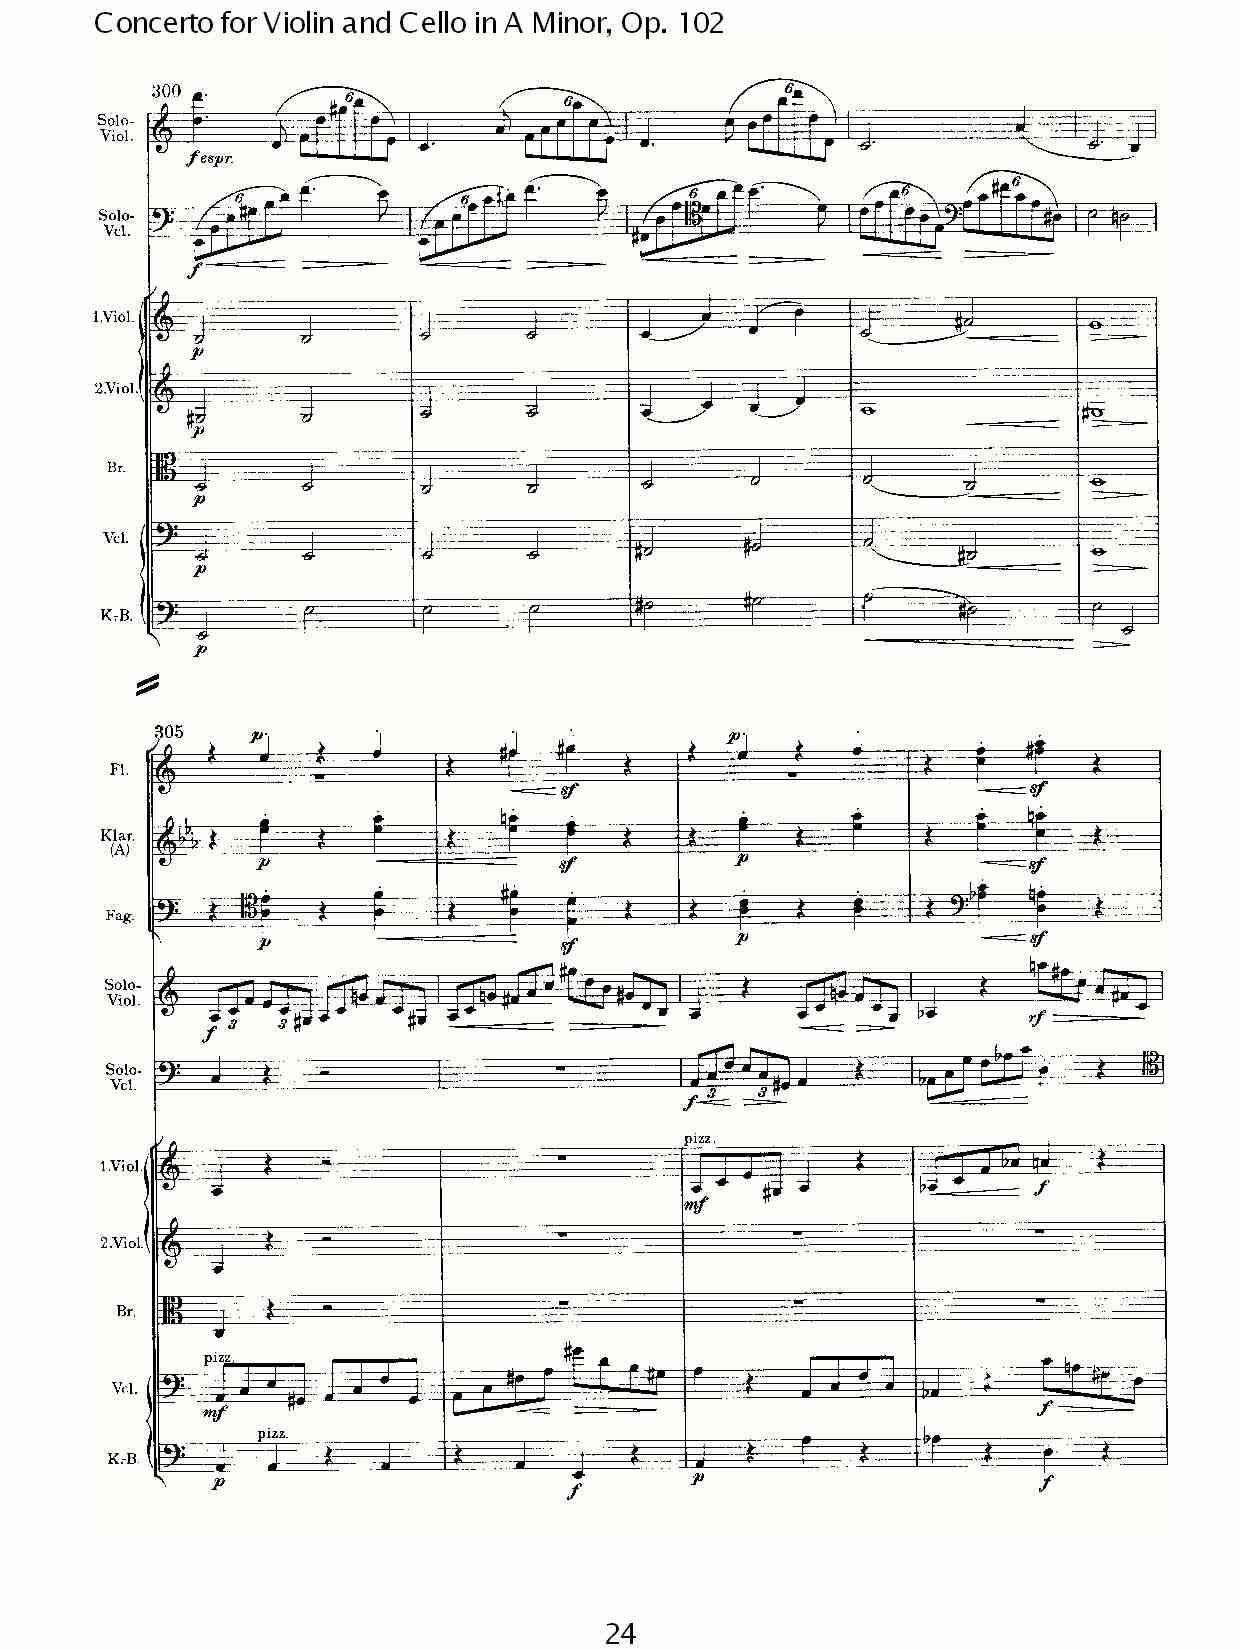 a小调小提琴与大提琴协奏曲, op.102第一乐章(五)